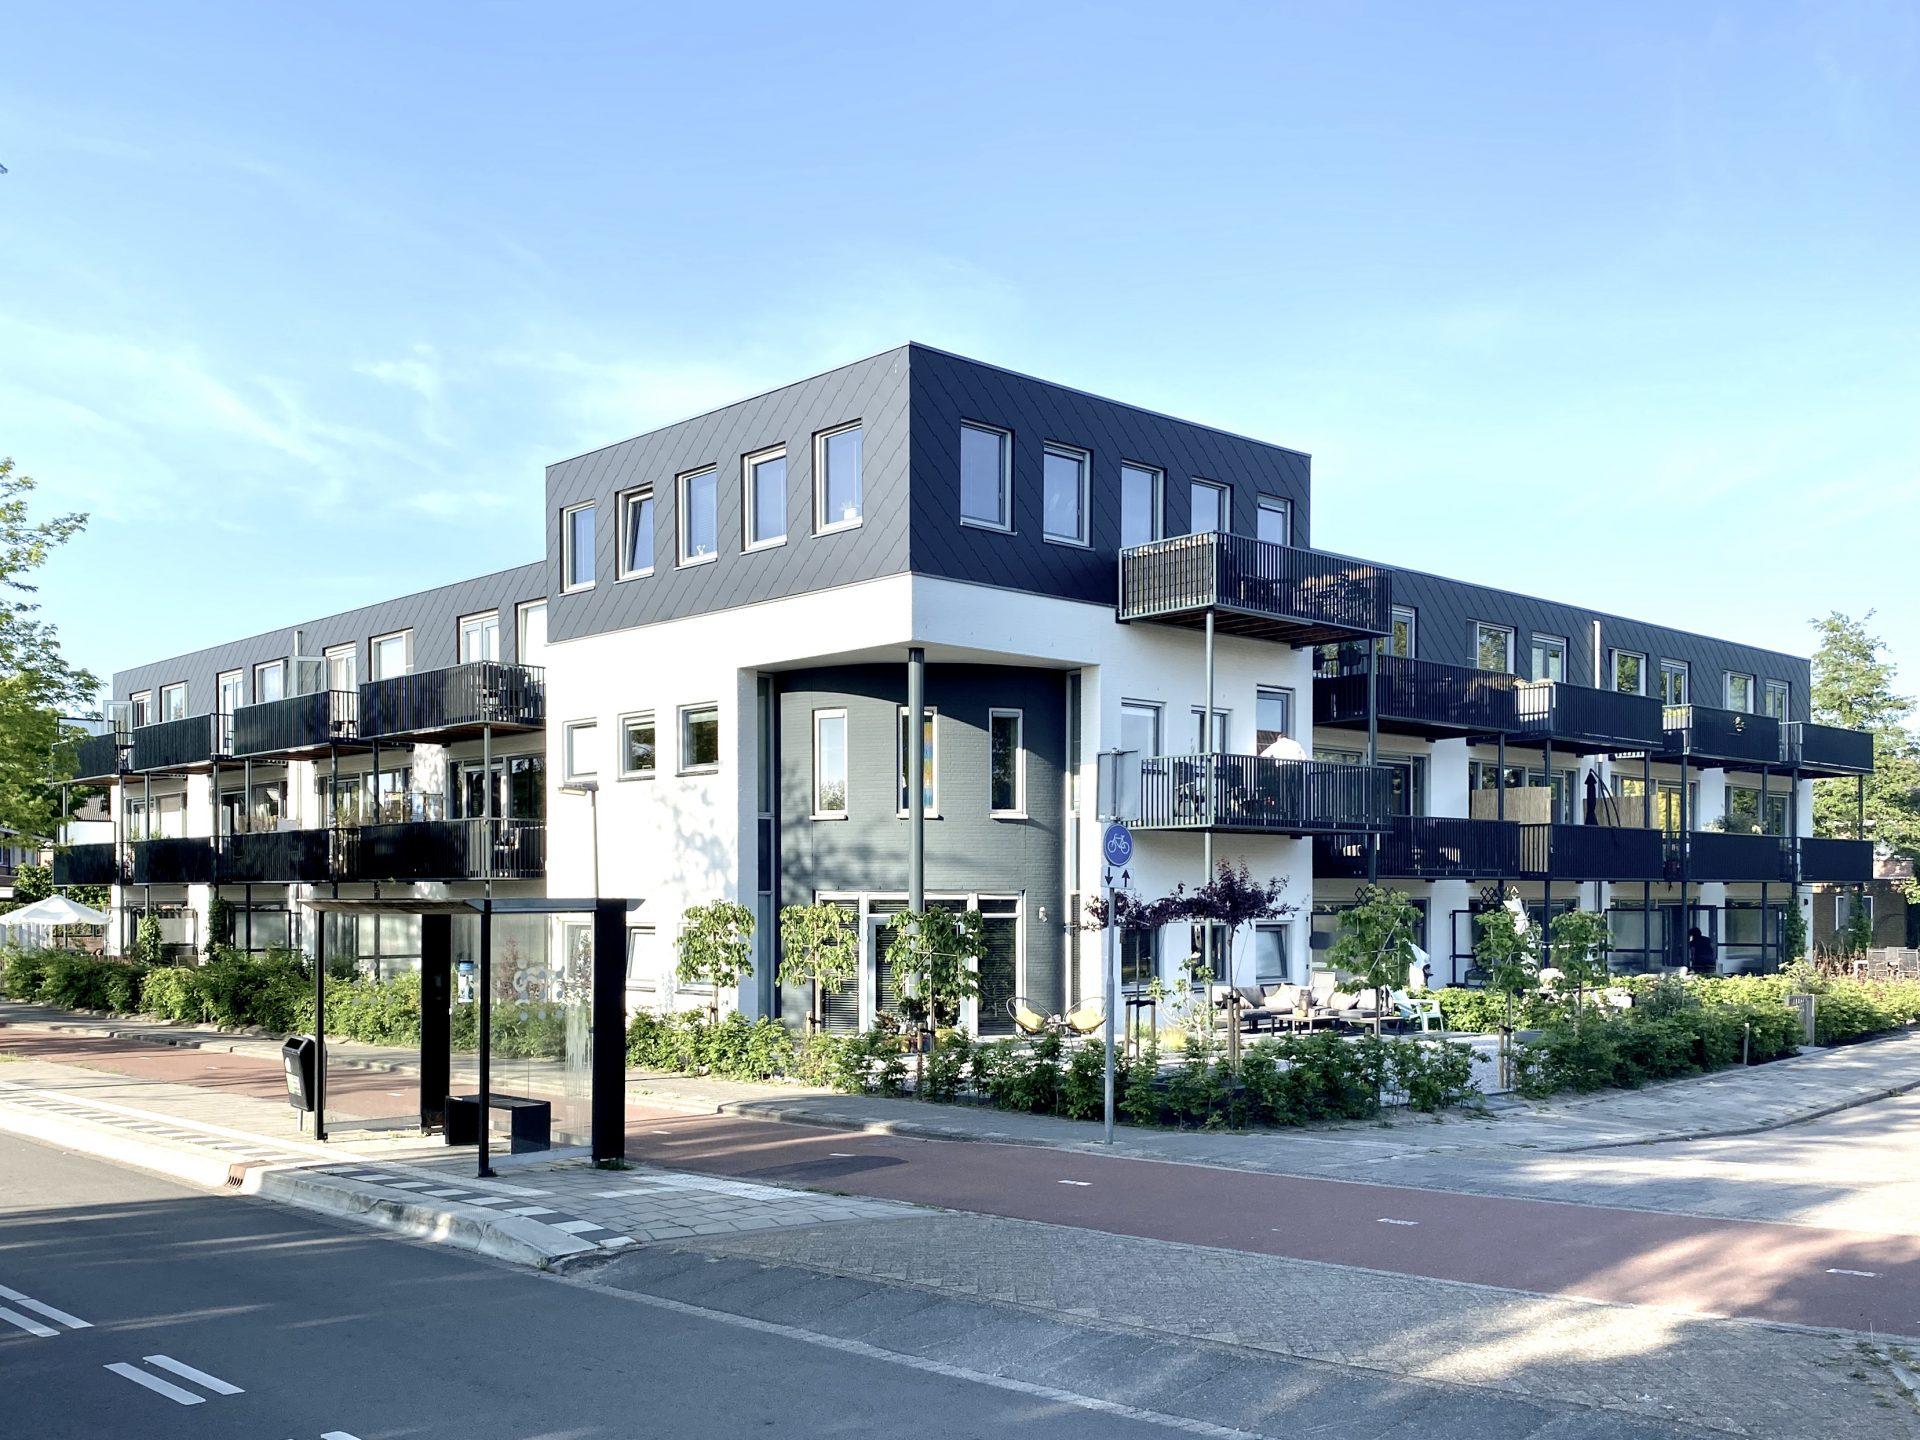 Tranformation 'Kompas' Schoolhouses, Barendrecht